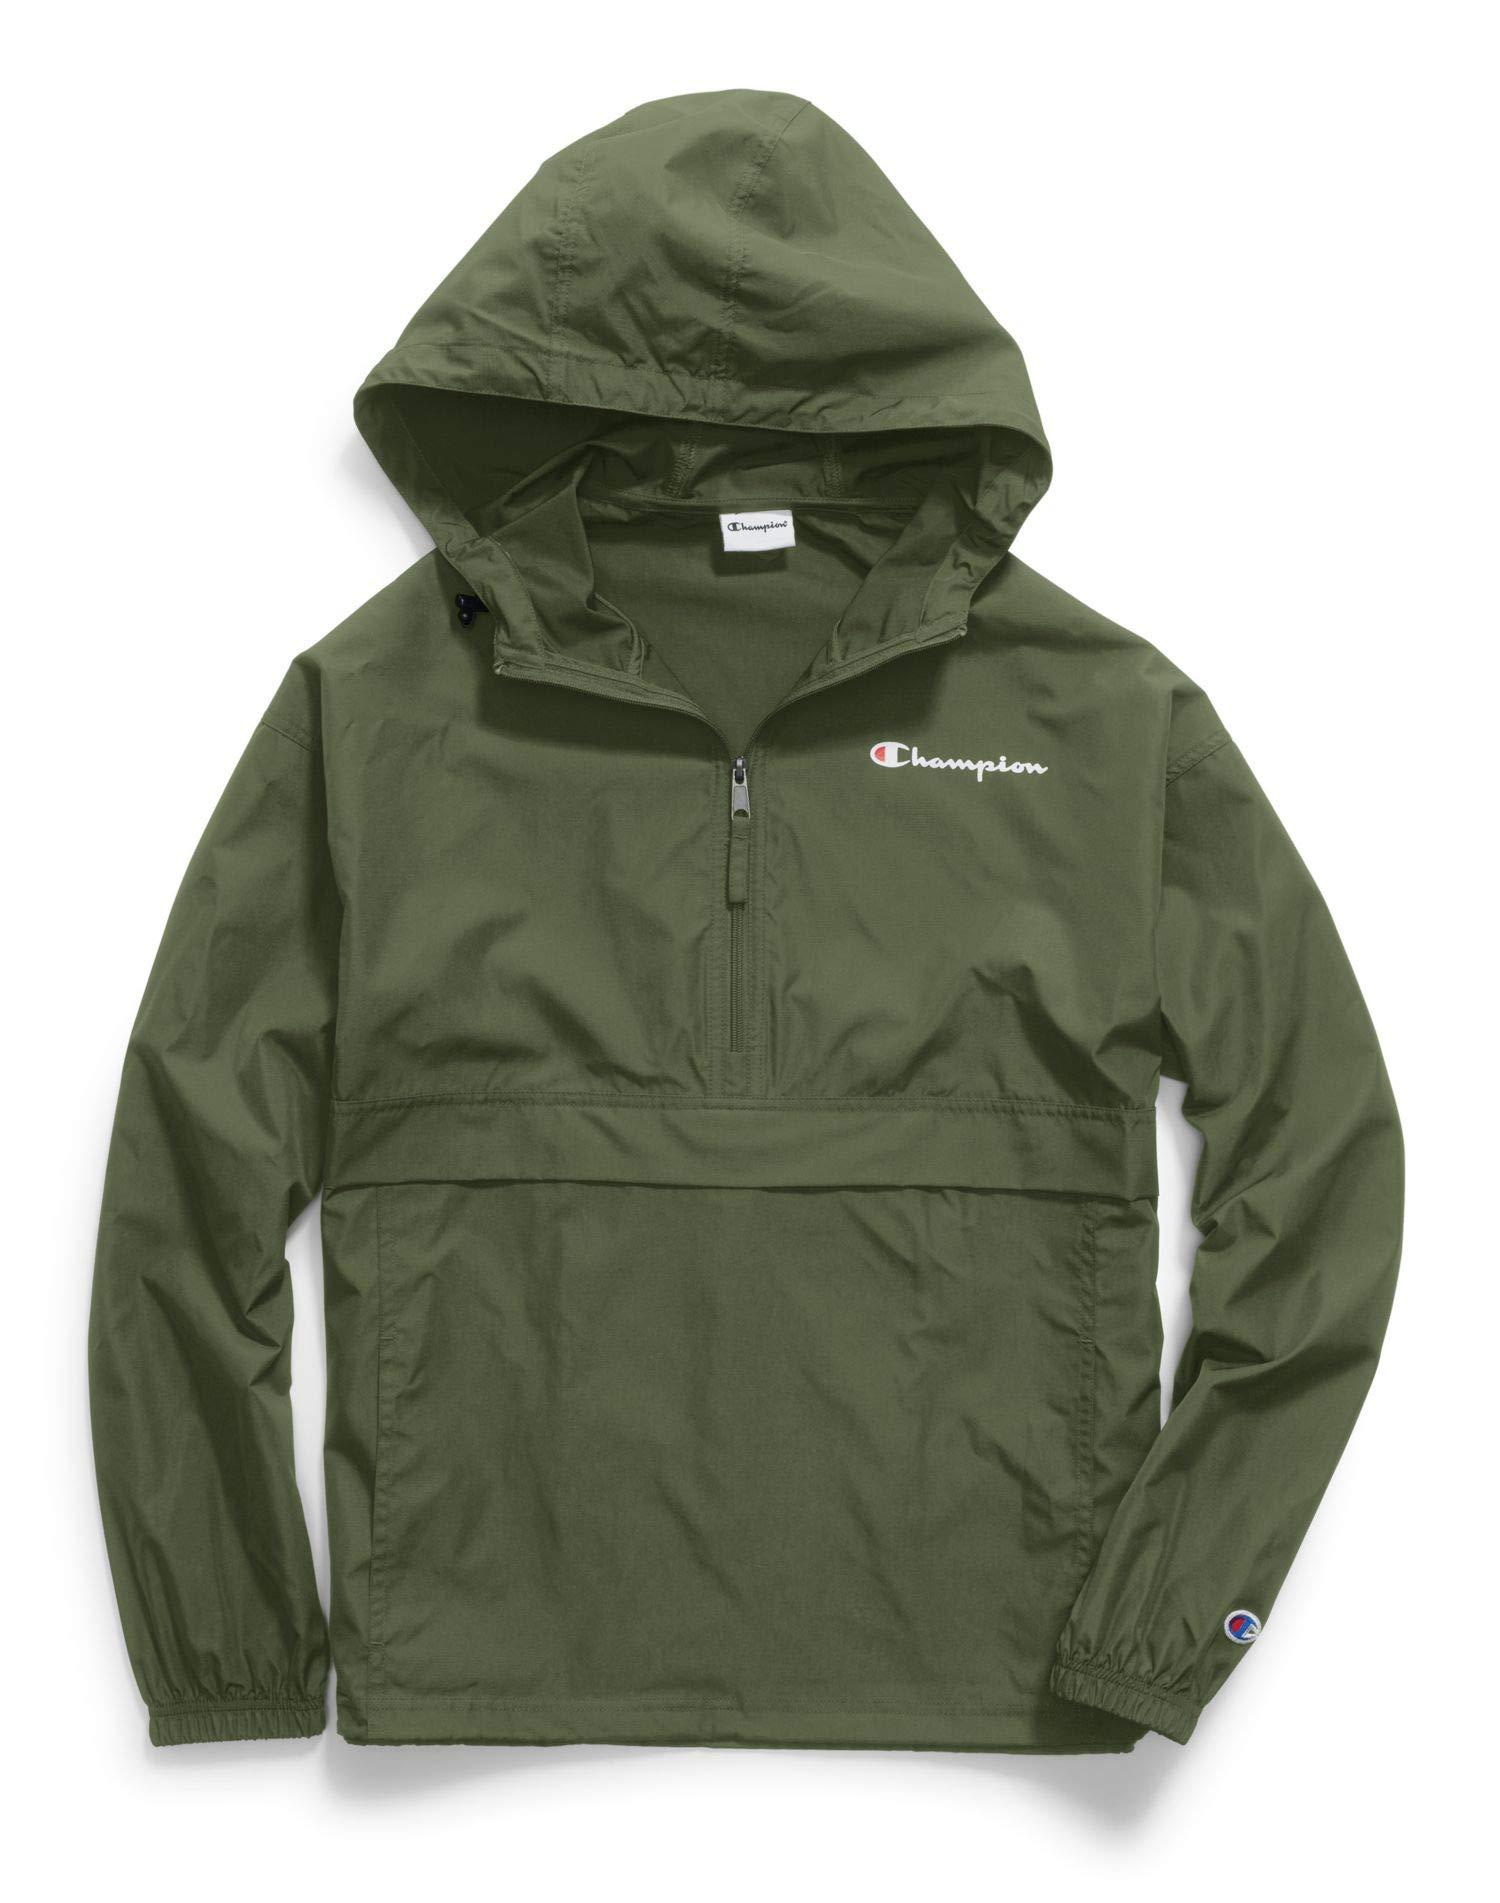 Champion Mens Packable Jacket (V1012 549369) -Cargo Oliv -M